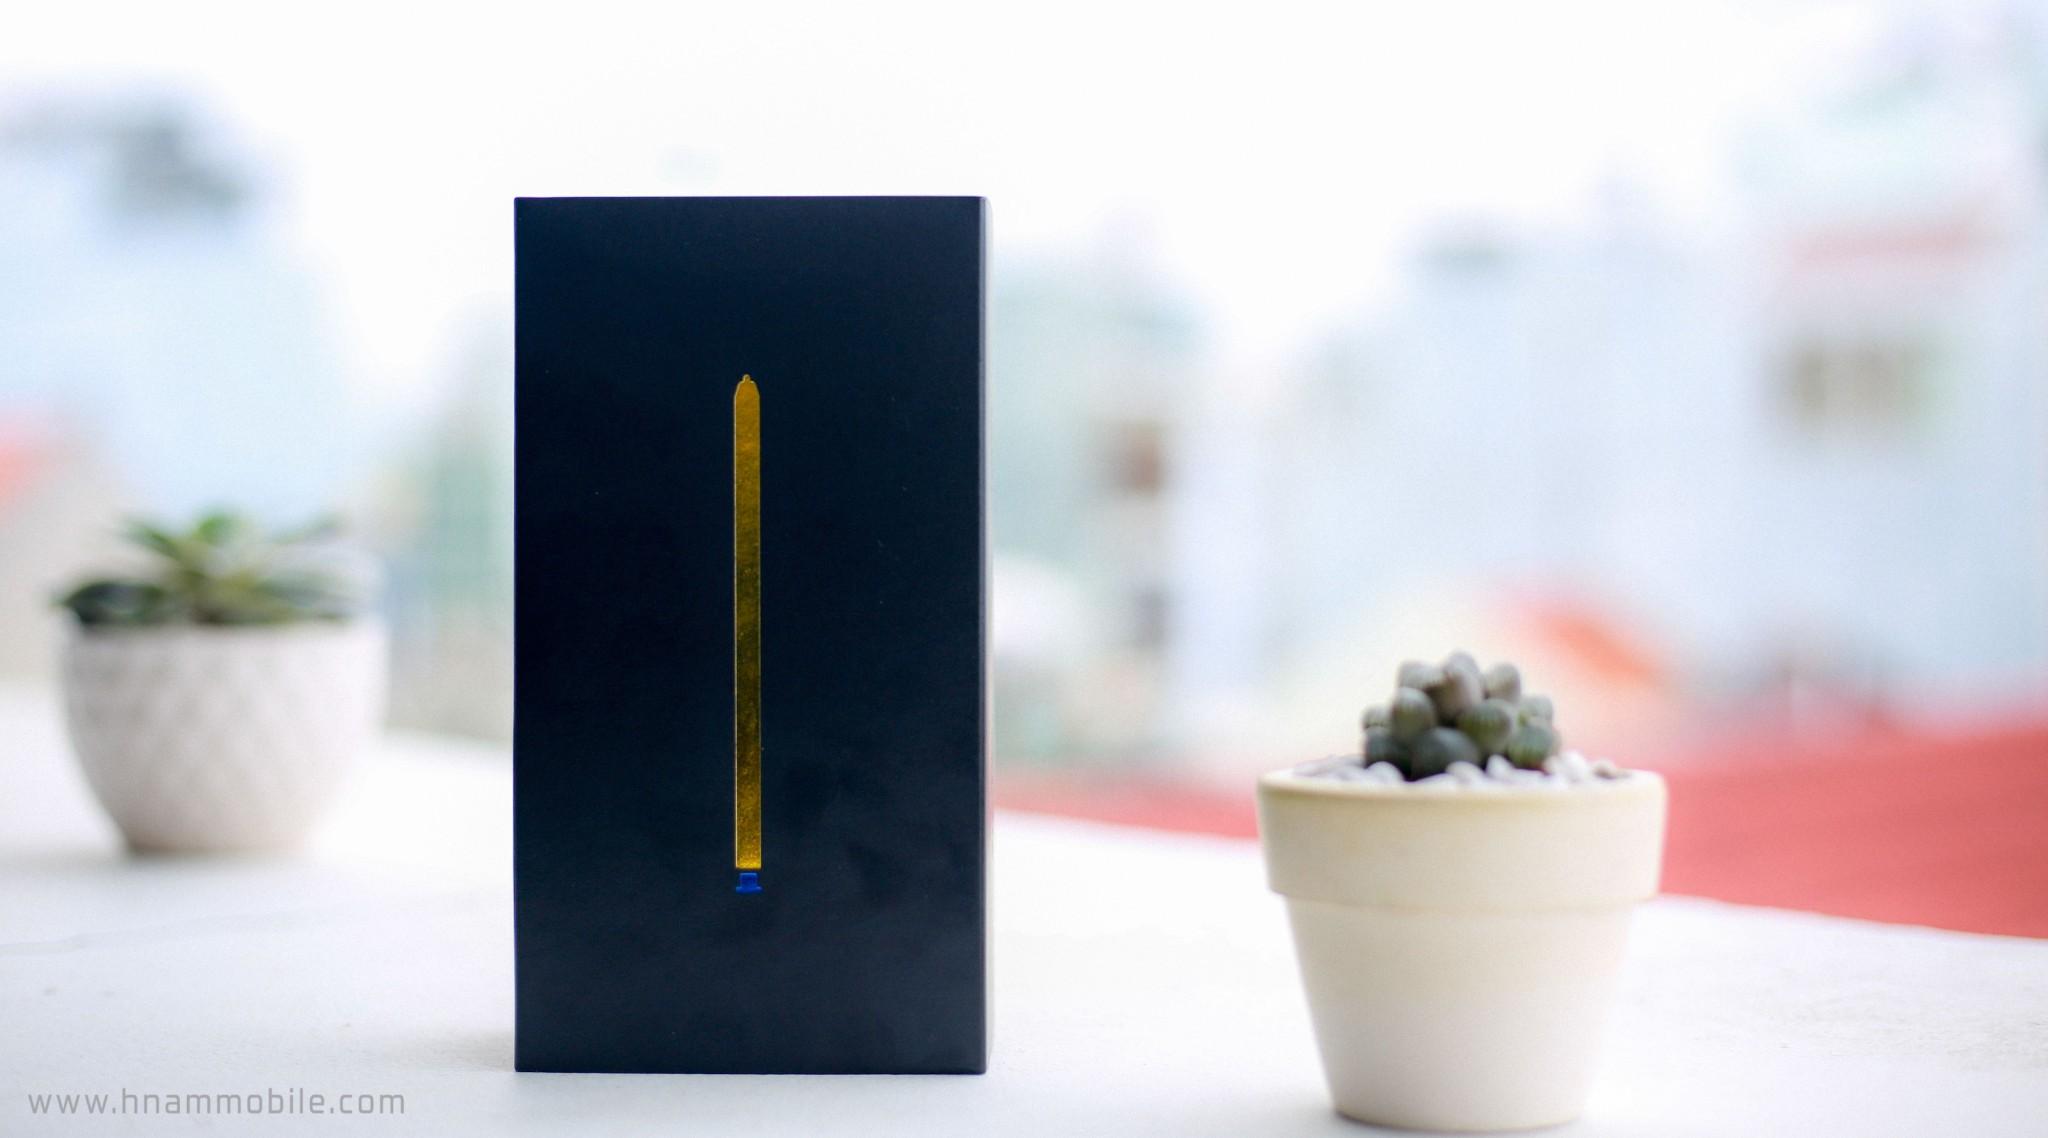 Đập hộp Galaxy Note 9 chính hãng phiên bản 512GB bán tại Việt Nam hình 2